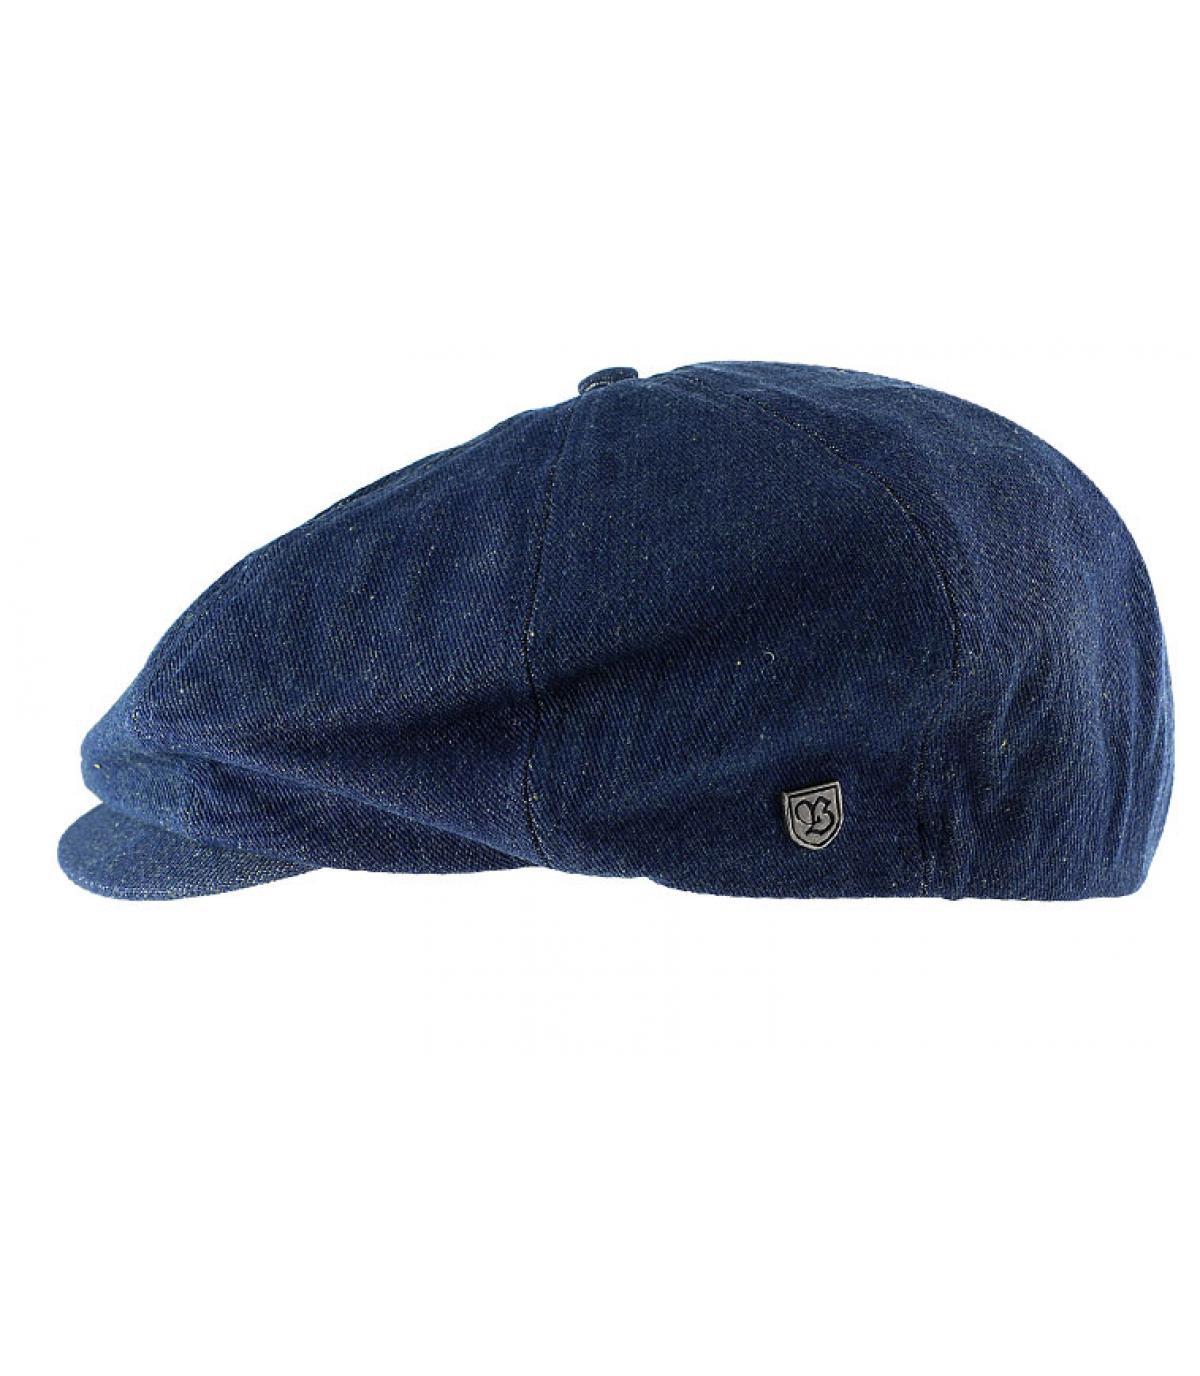 a615a3dbd21c6 Denim newboys cap - Brood dark denim by Brixton. Headict